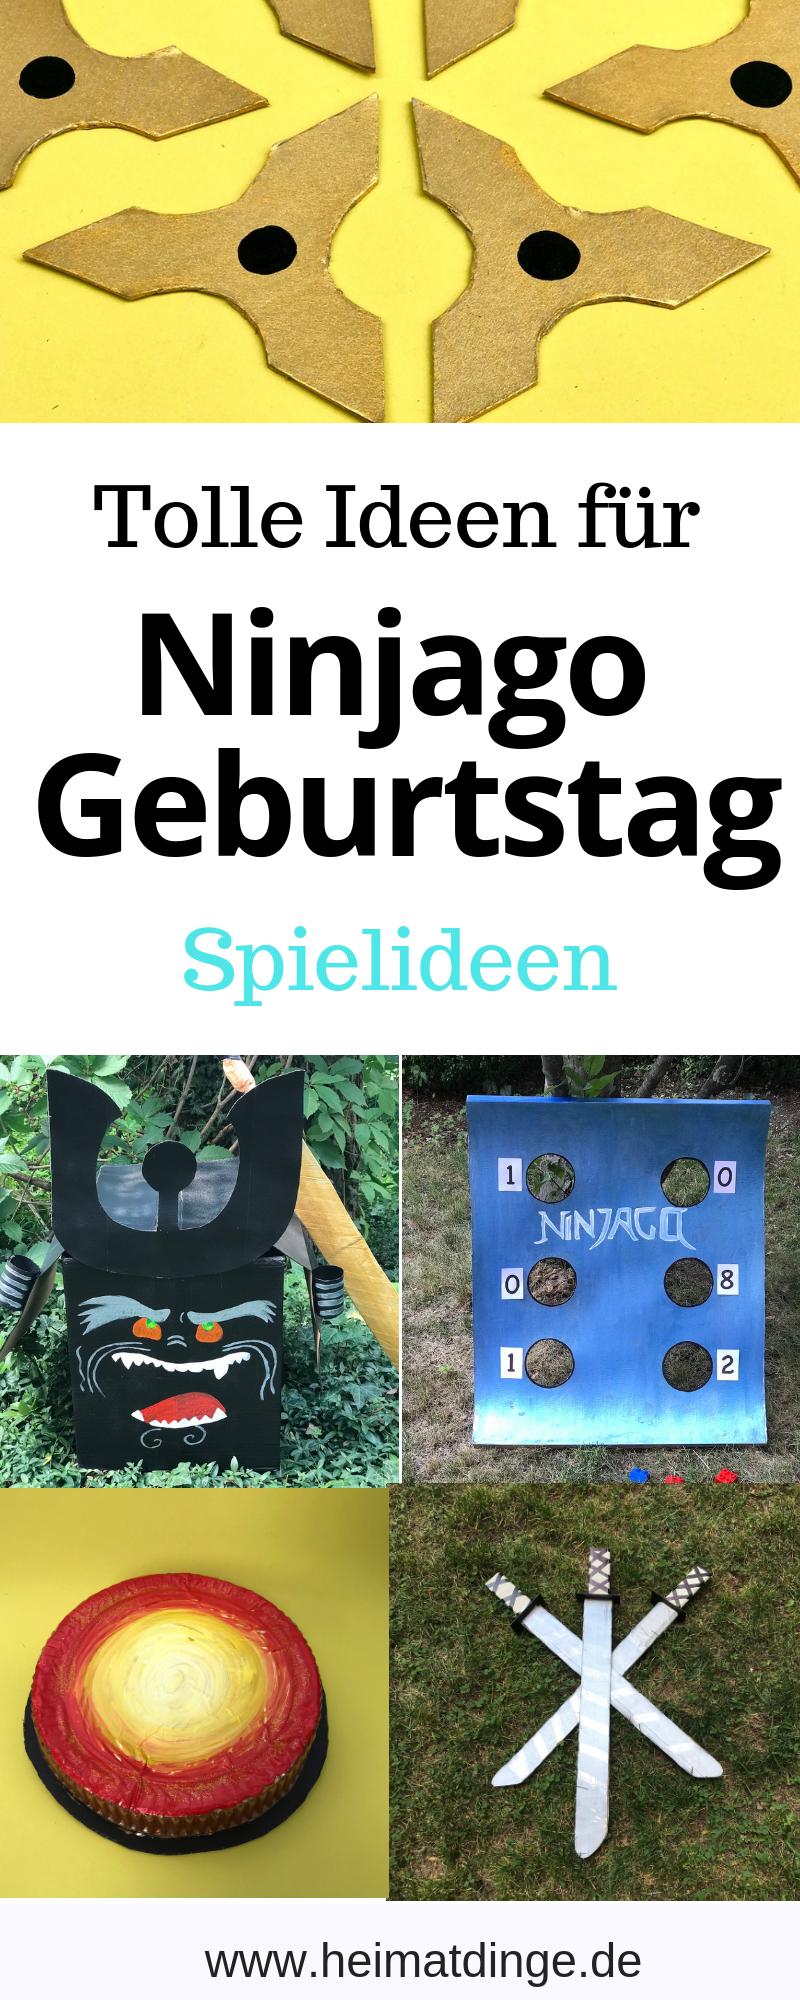 Ninjago Geburtstag Coole Diy Ideen Fur Eine Gelungene Party